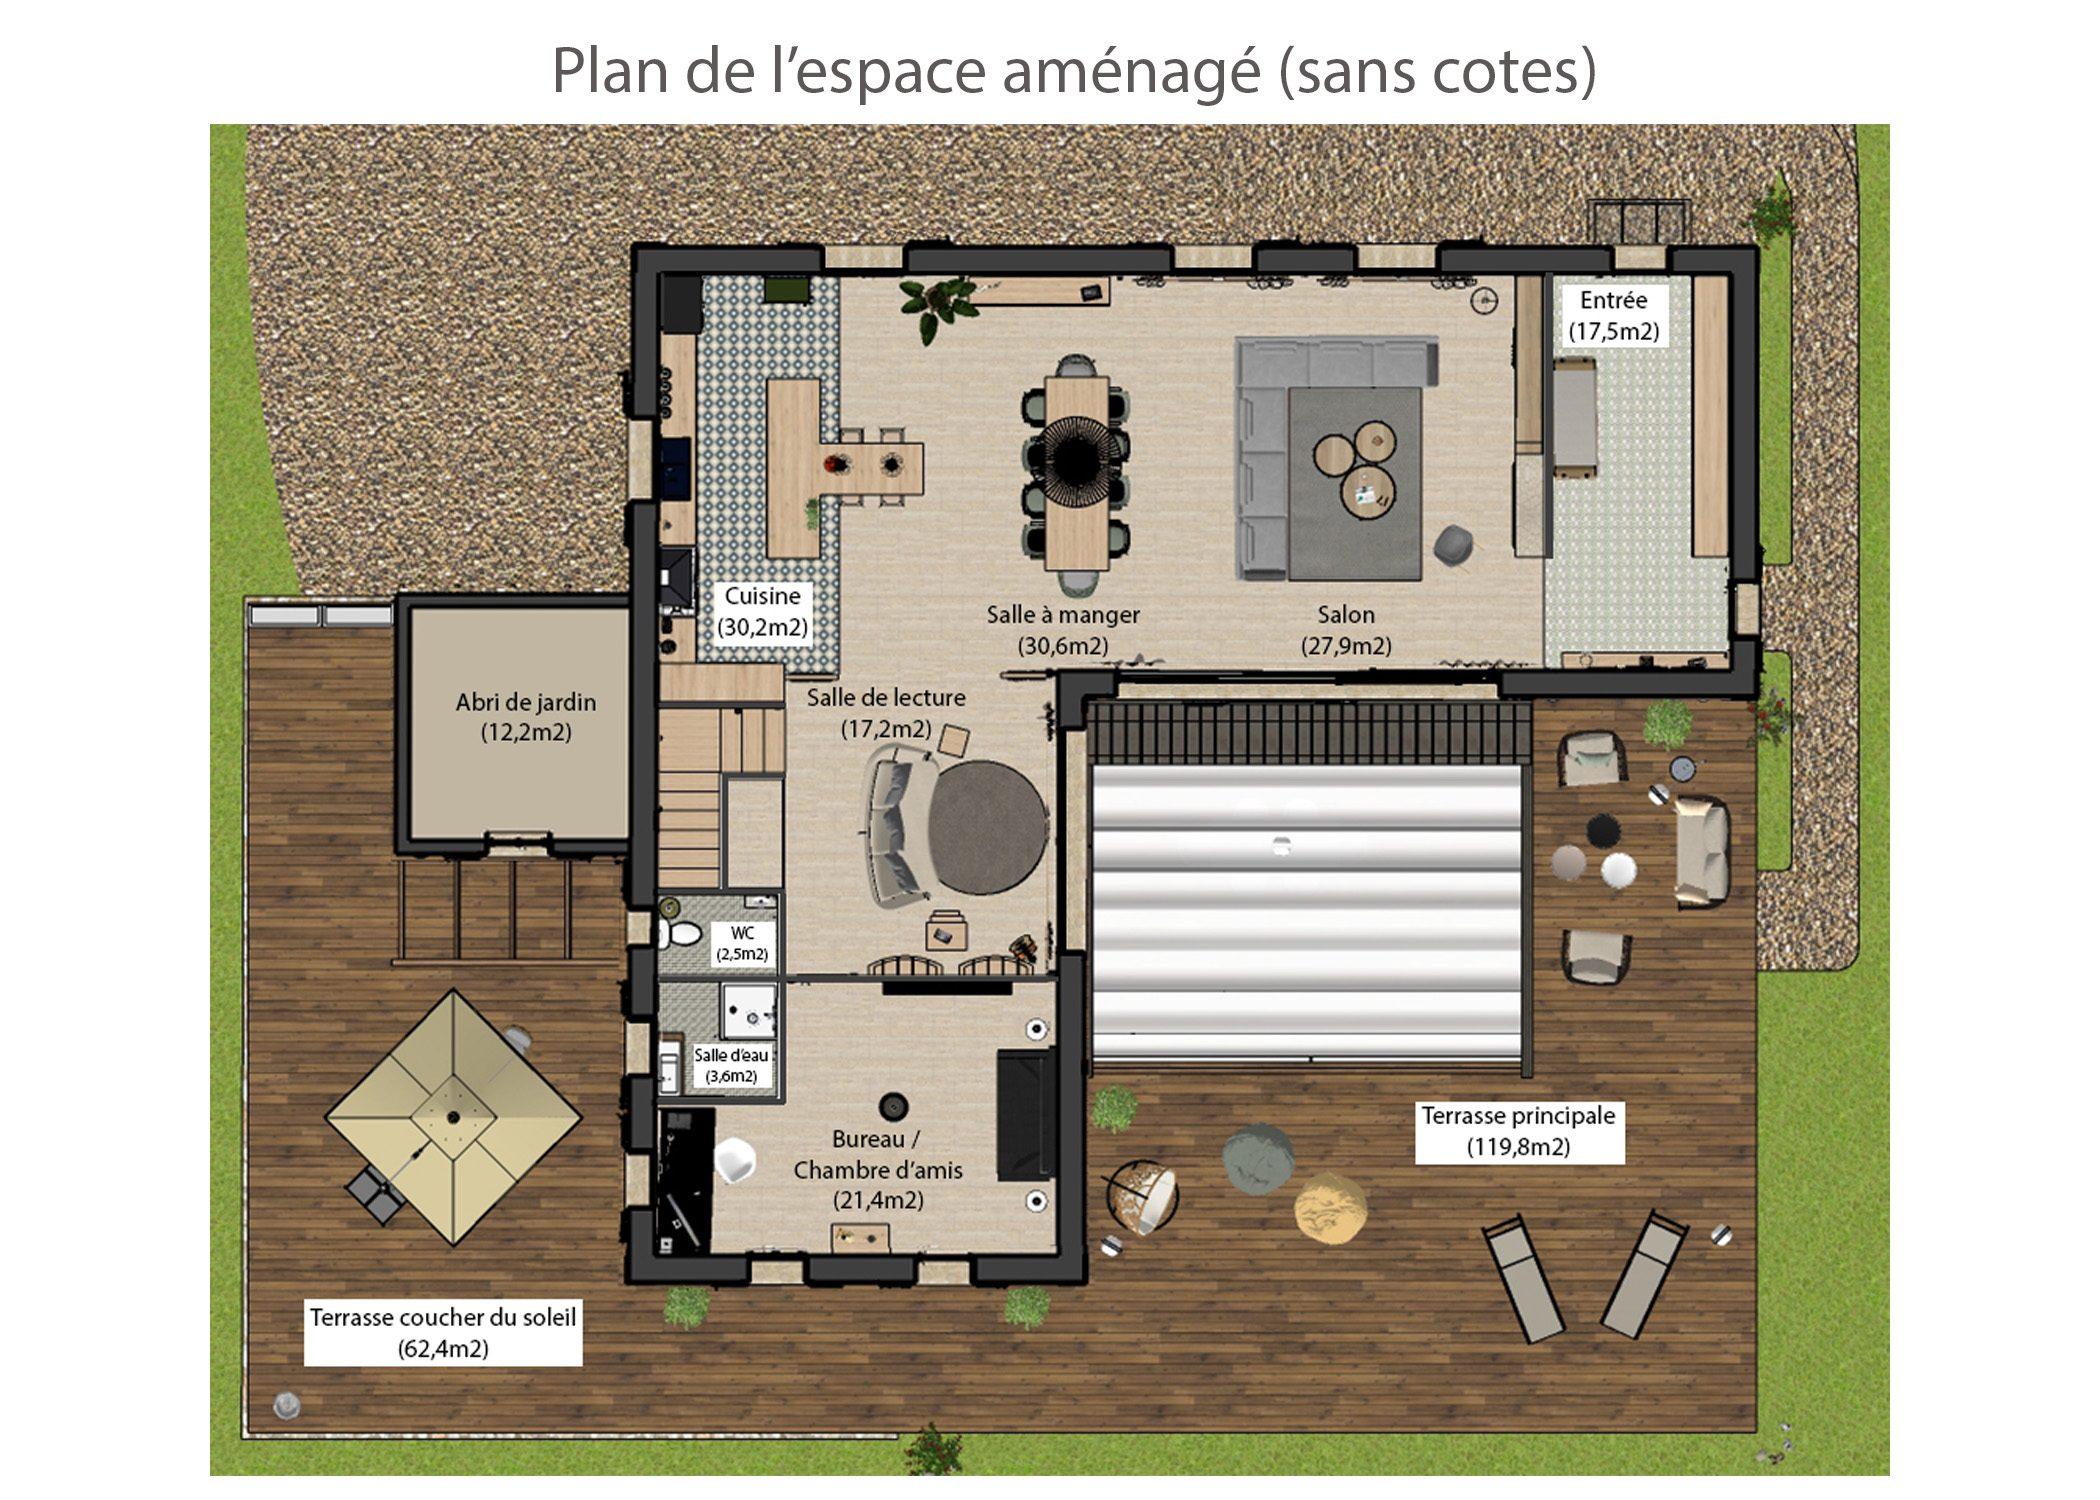 amenagement-decoration-maison de famille-campagne-provence-plan espace amenage-dekho design